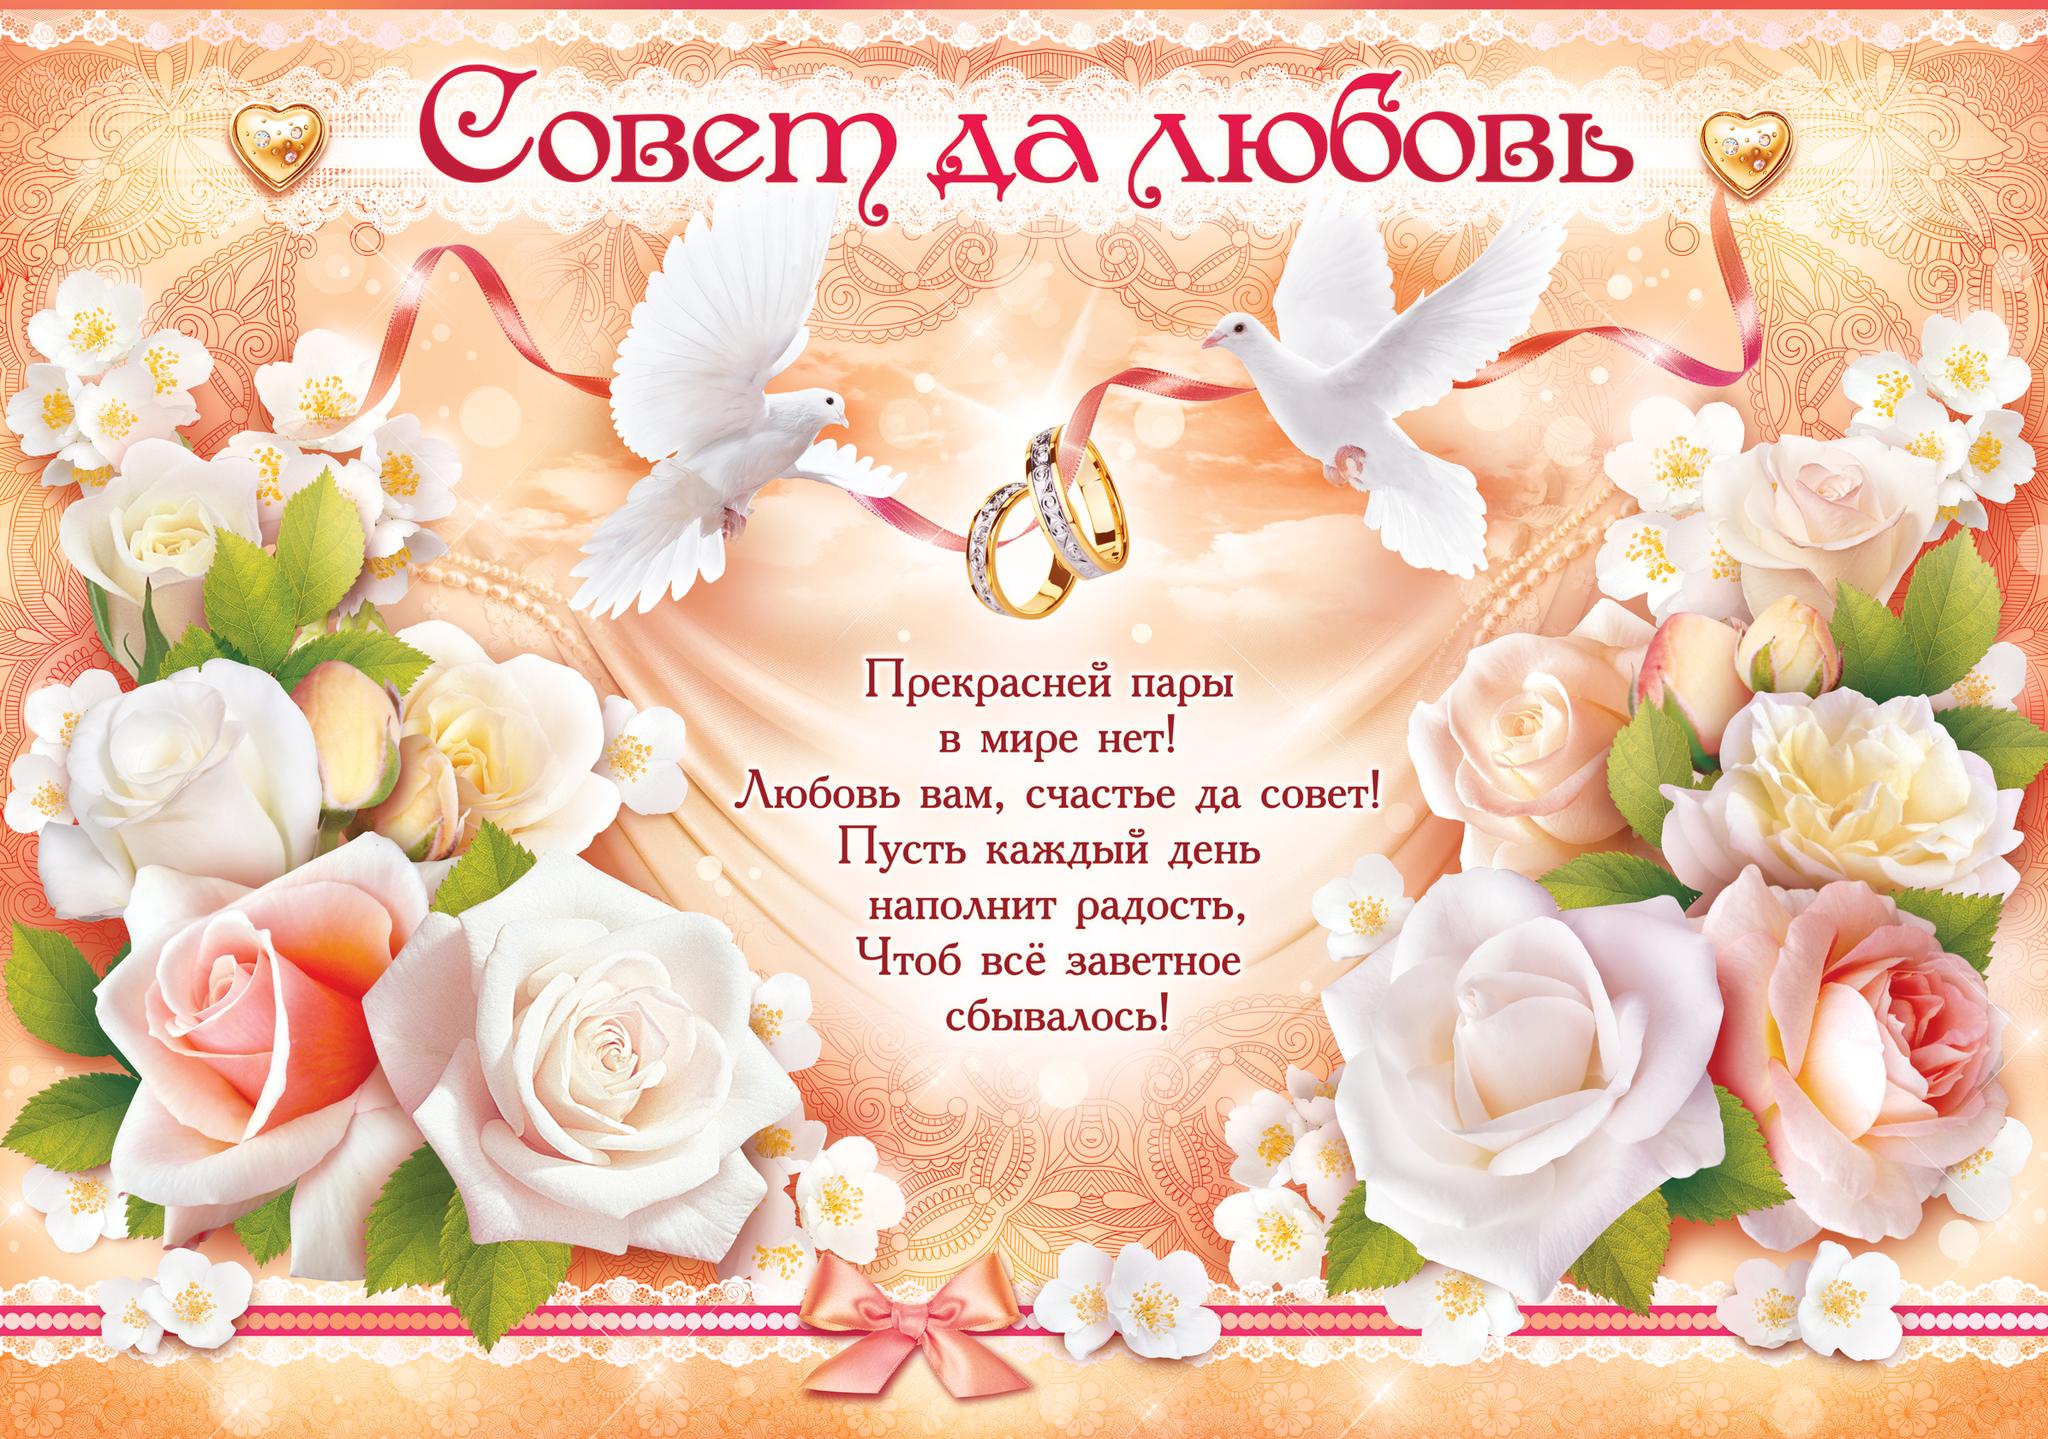 Поздравление с годовщиной свадьбы жене брата